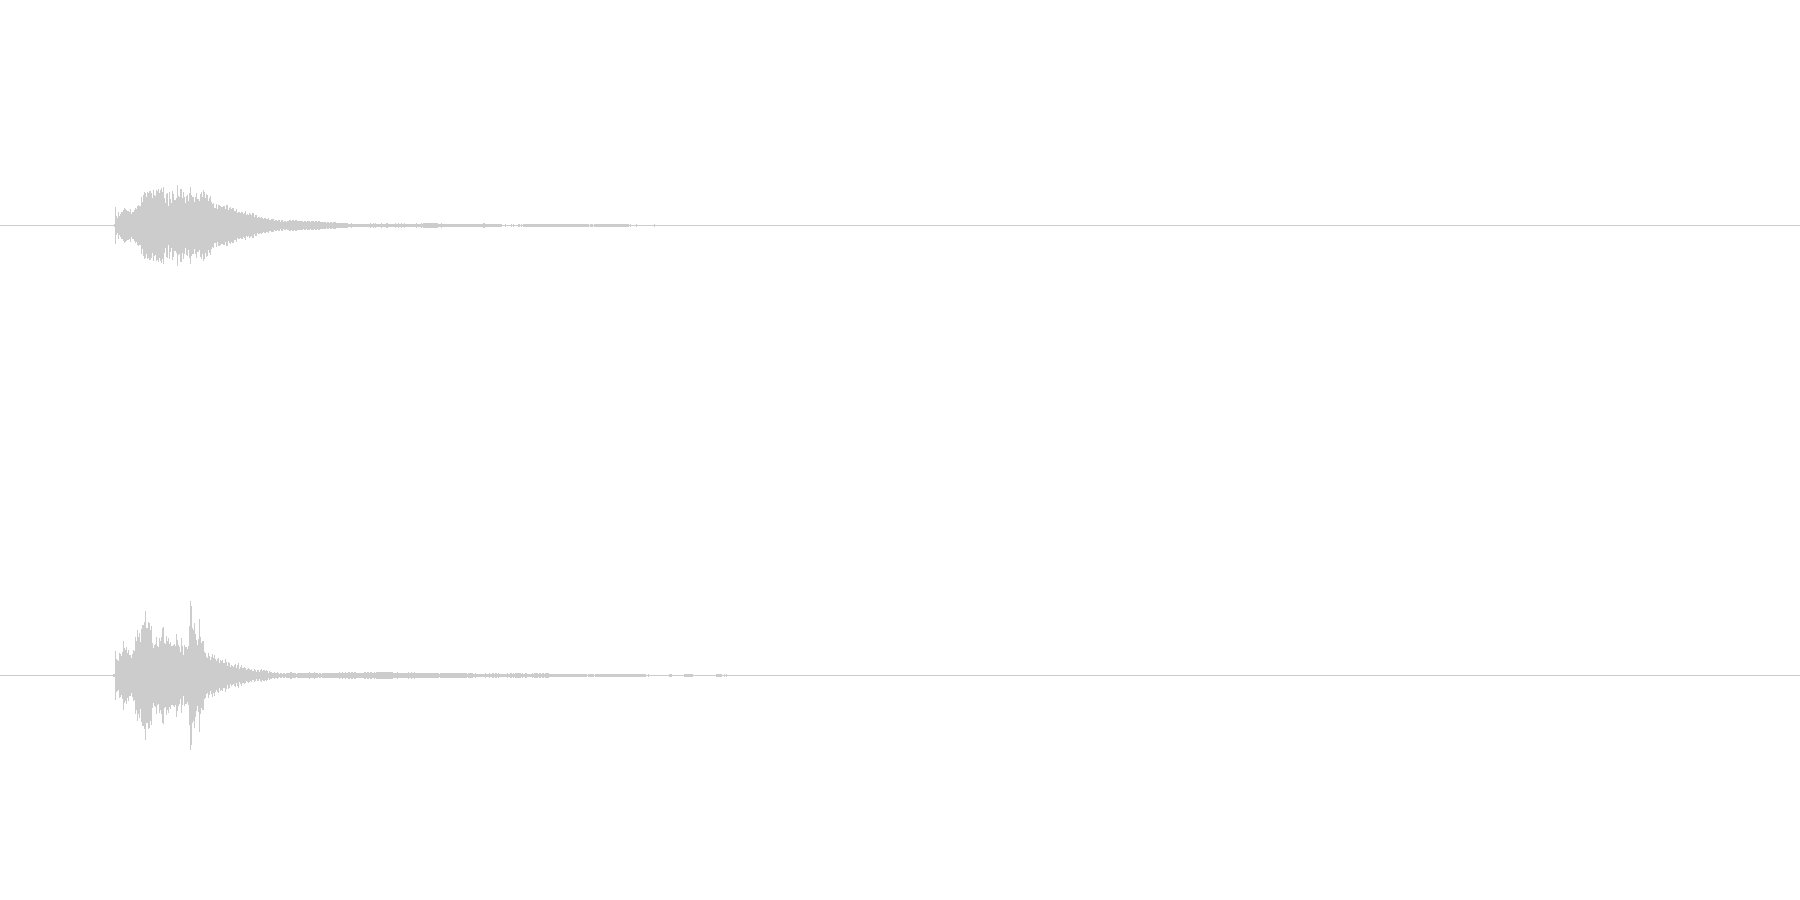 ちりーん、キラーン(金属の明るい音)の未再生の波形